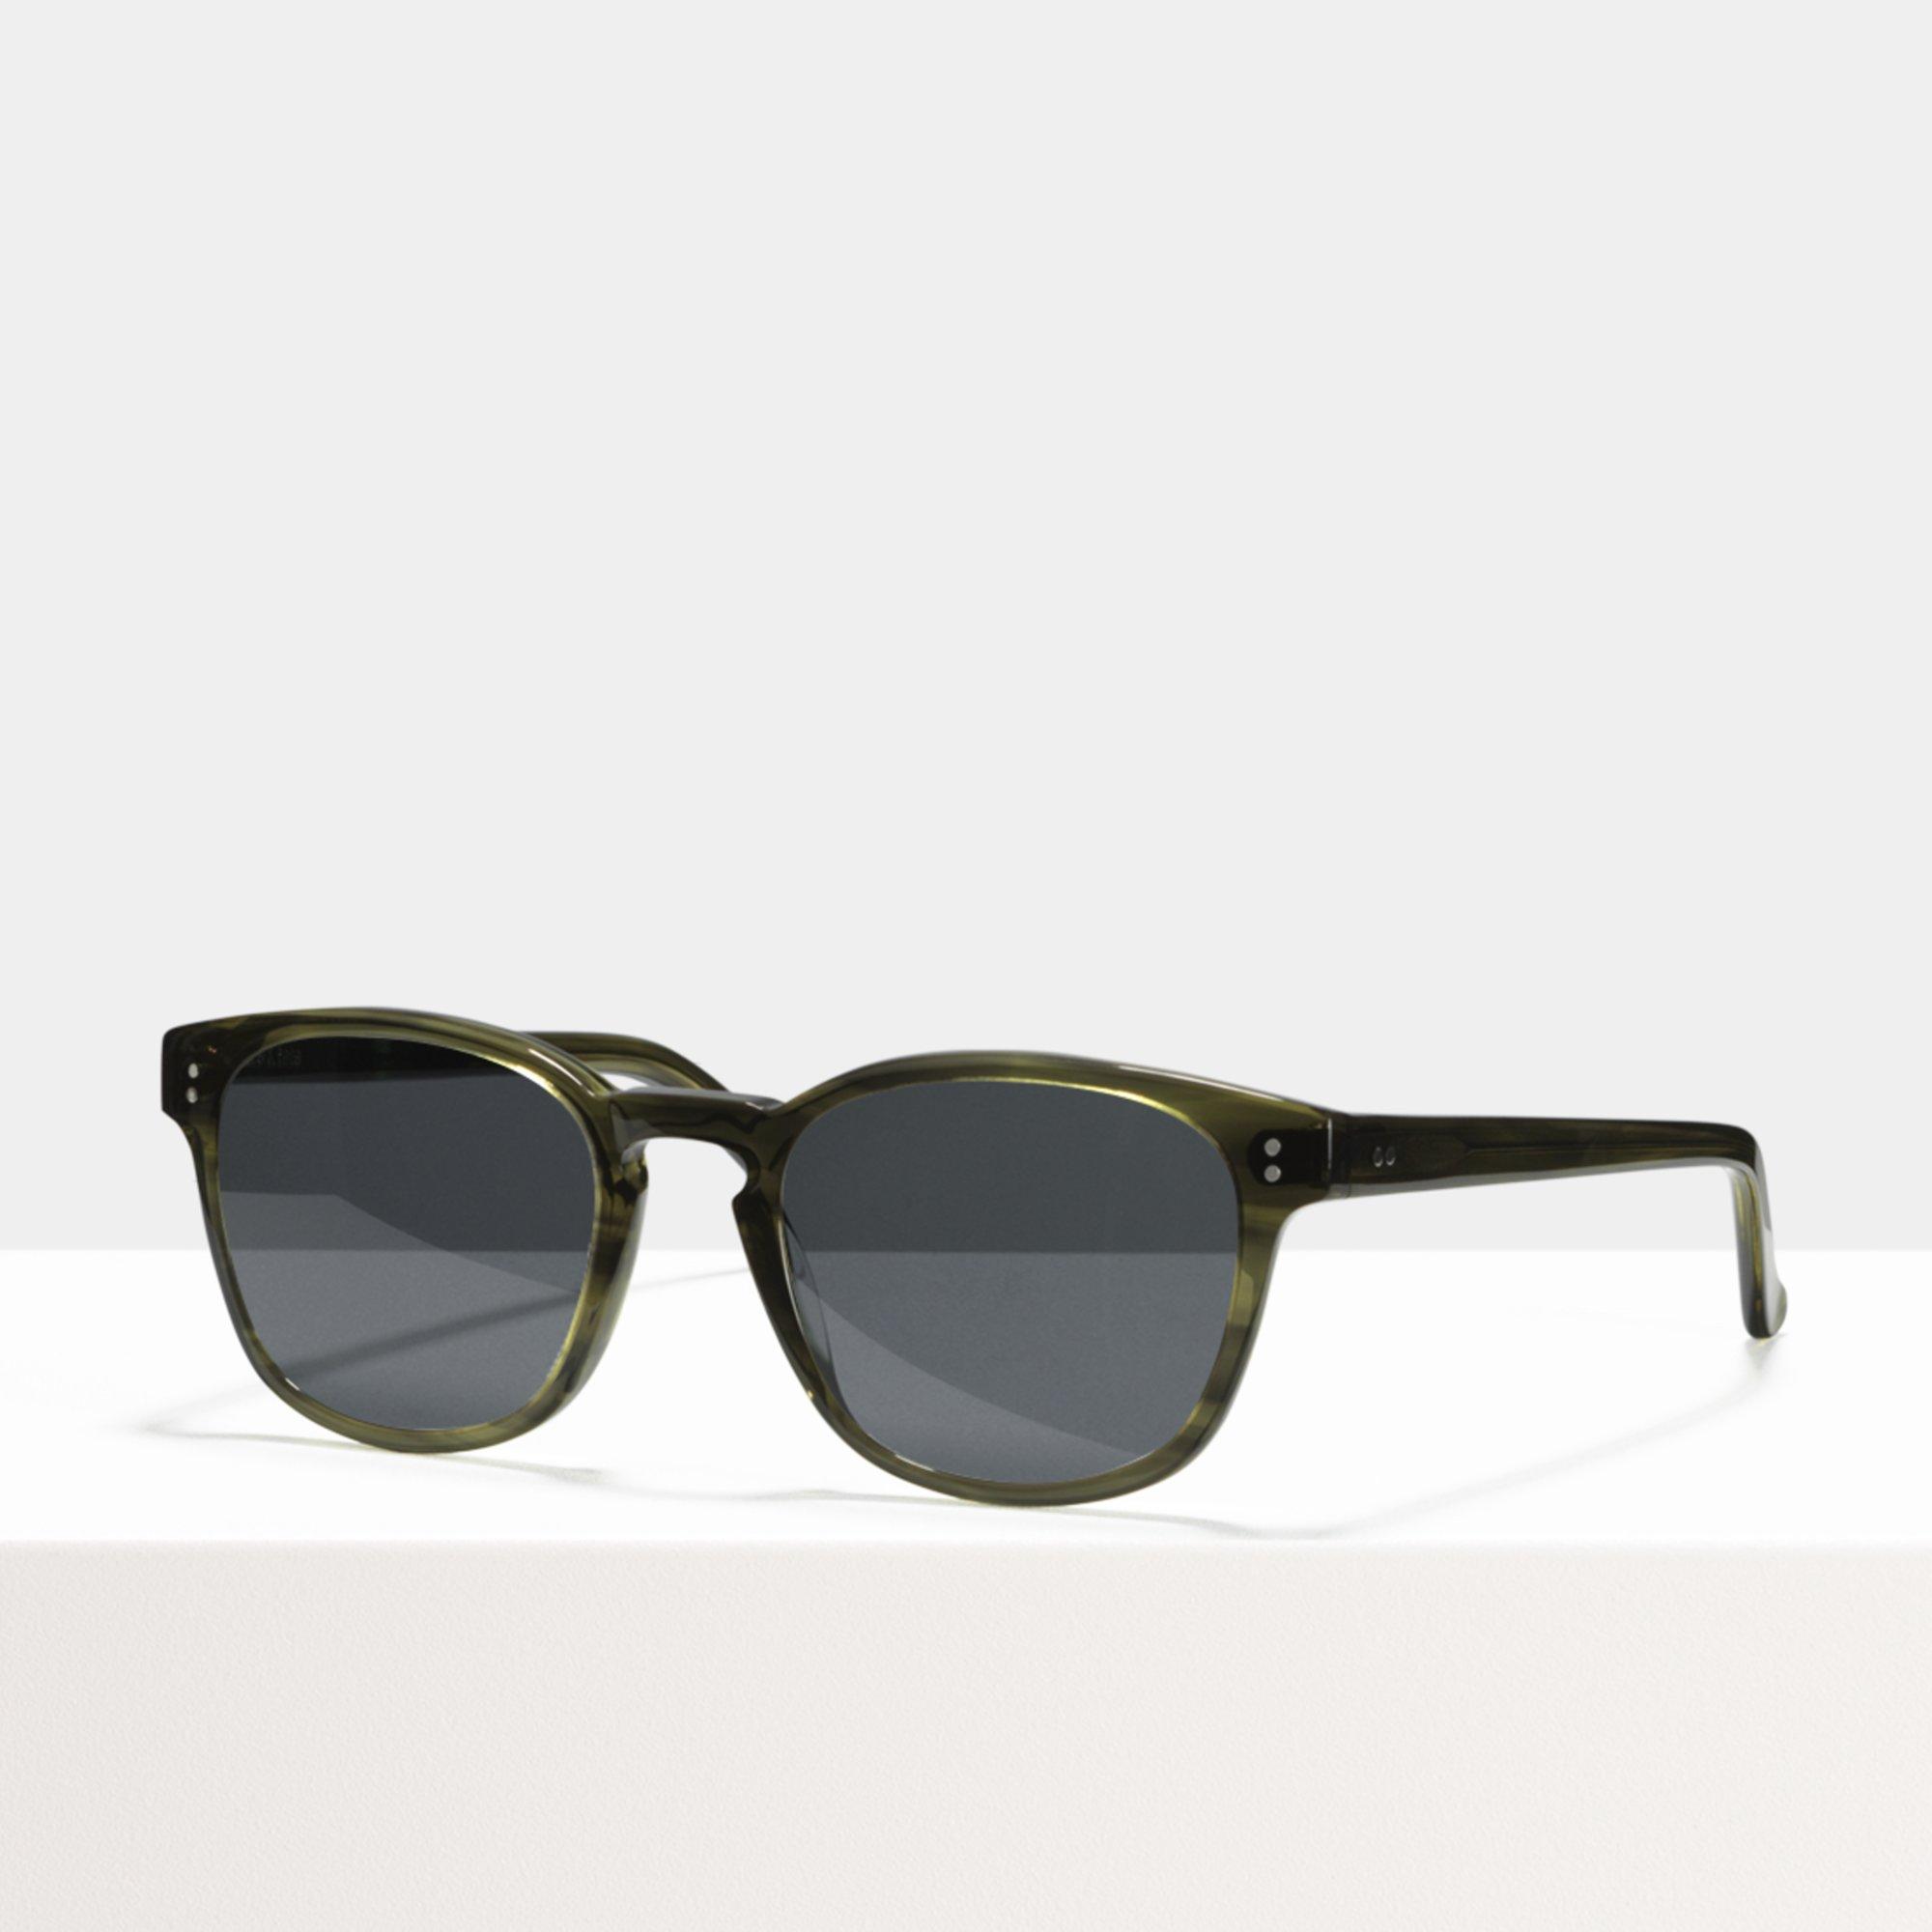 Ace & Tate Sunglasses | vierkant acetaat in Groen